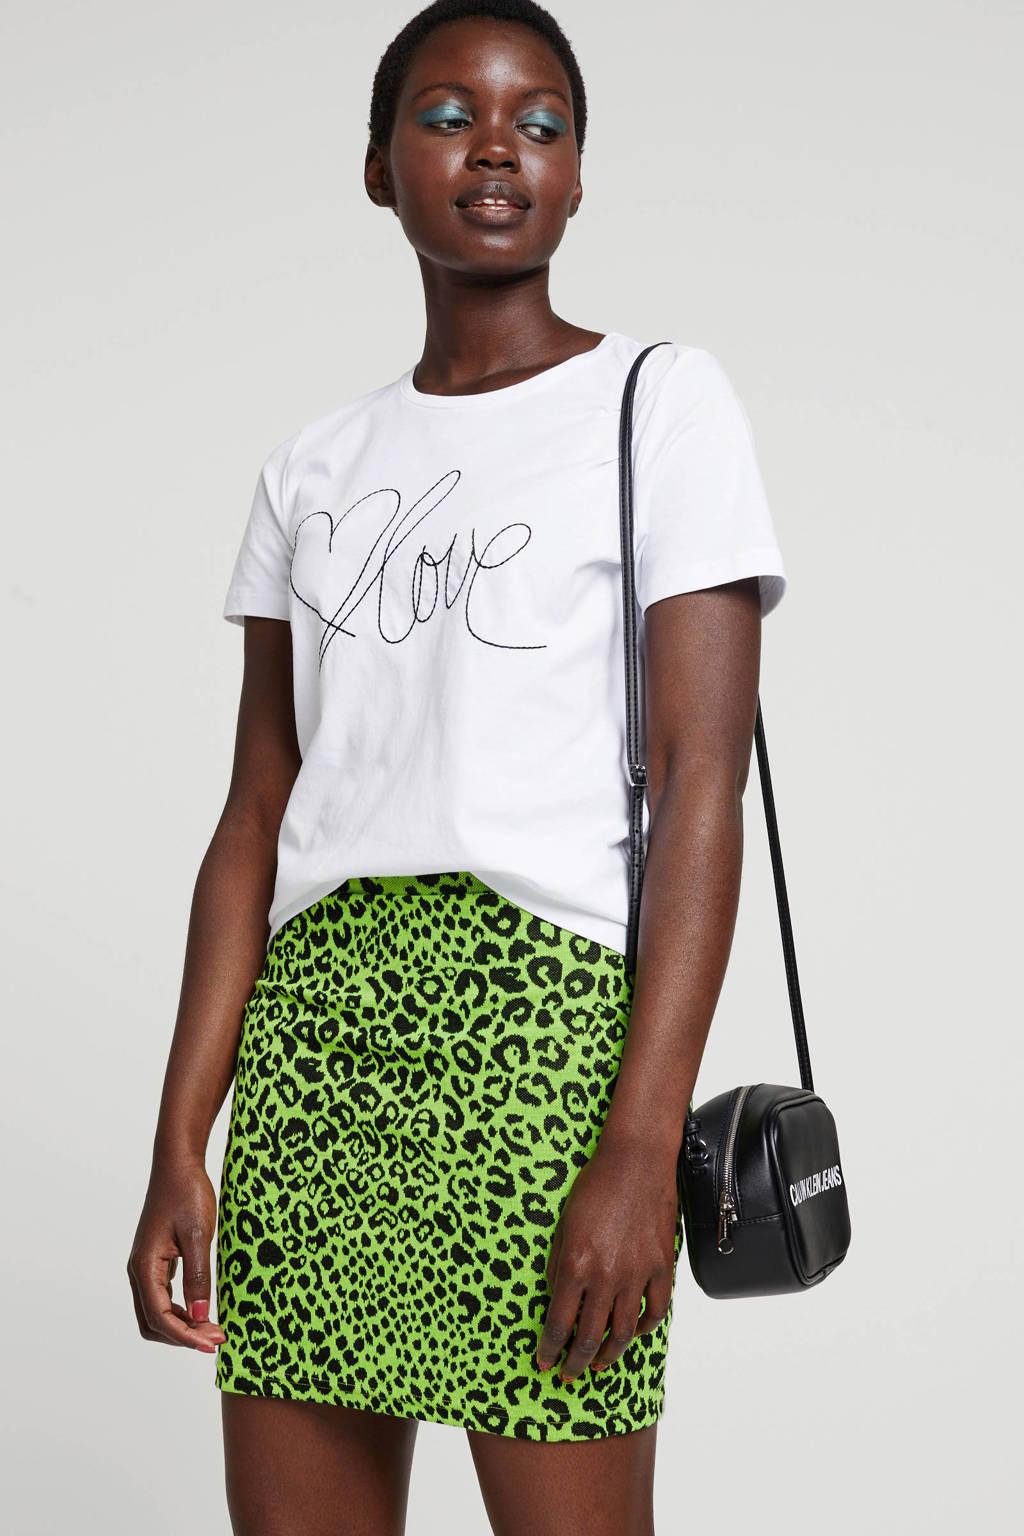 ONLY rok met panterprint neon groen, neon groen/zwart